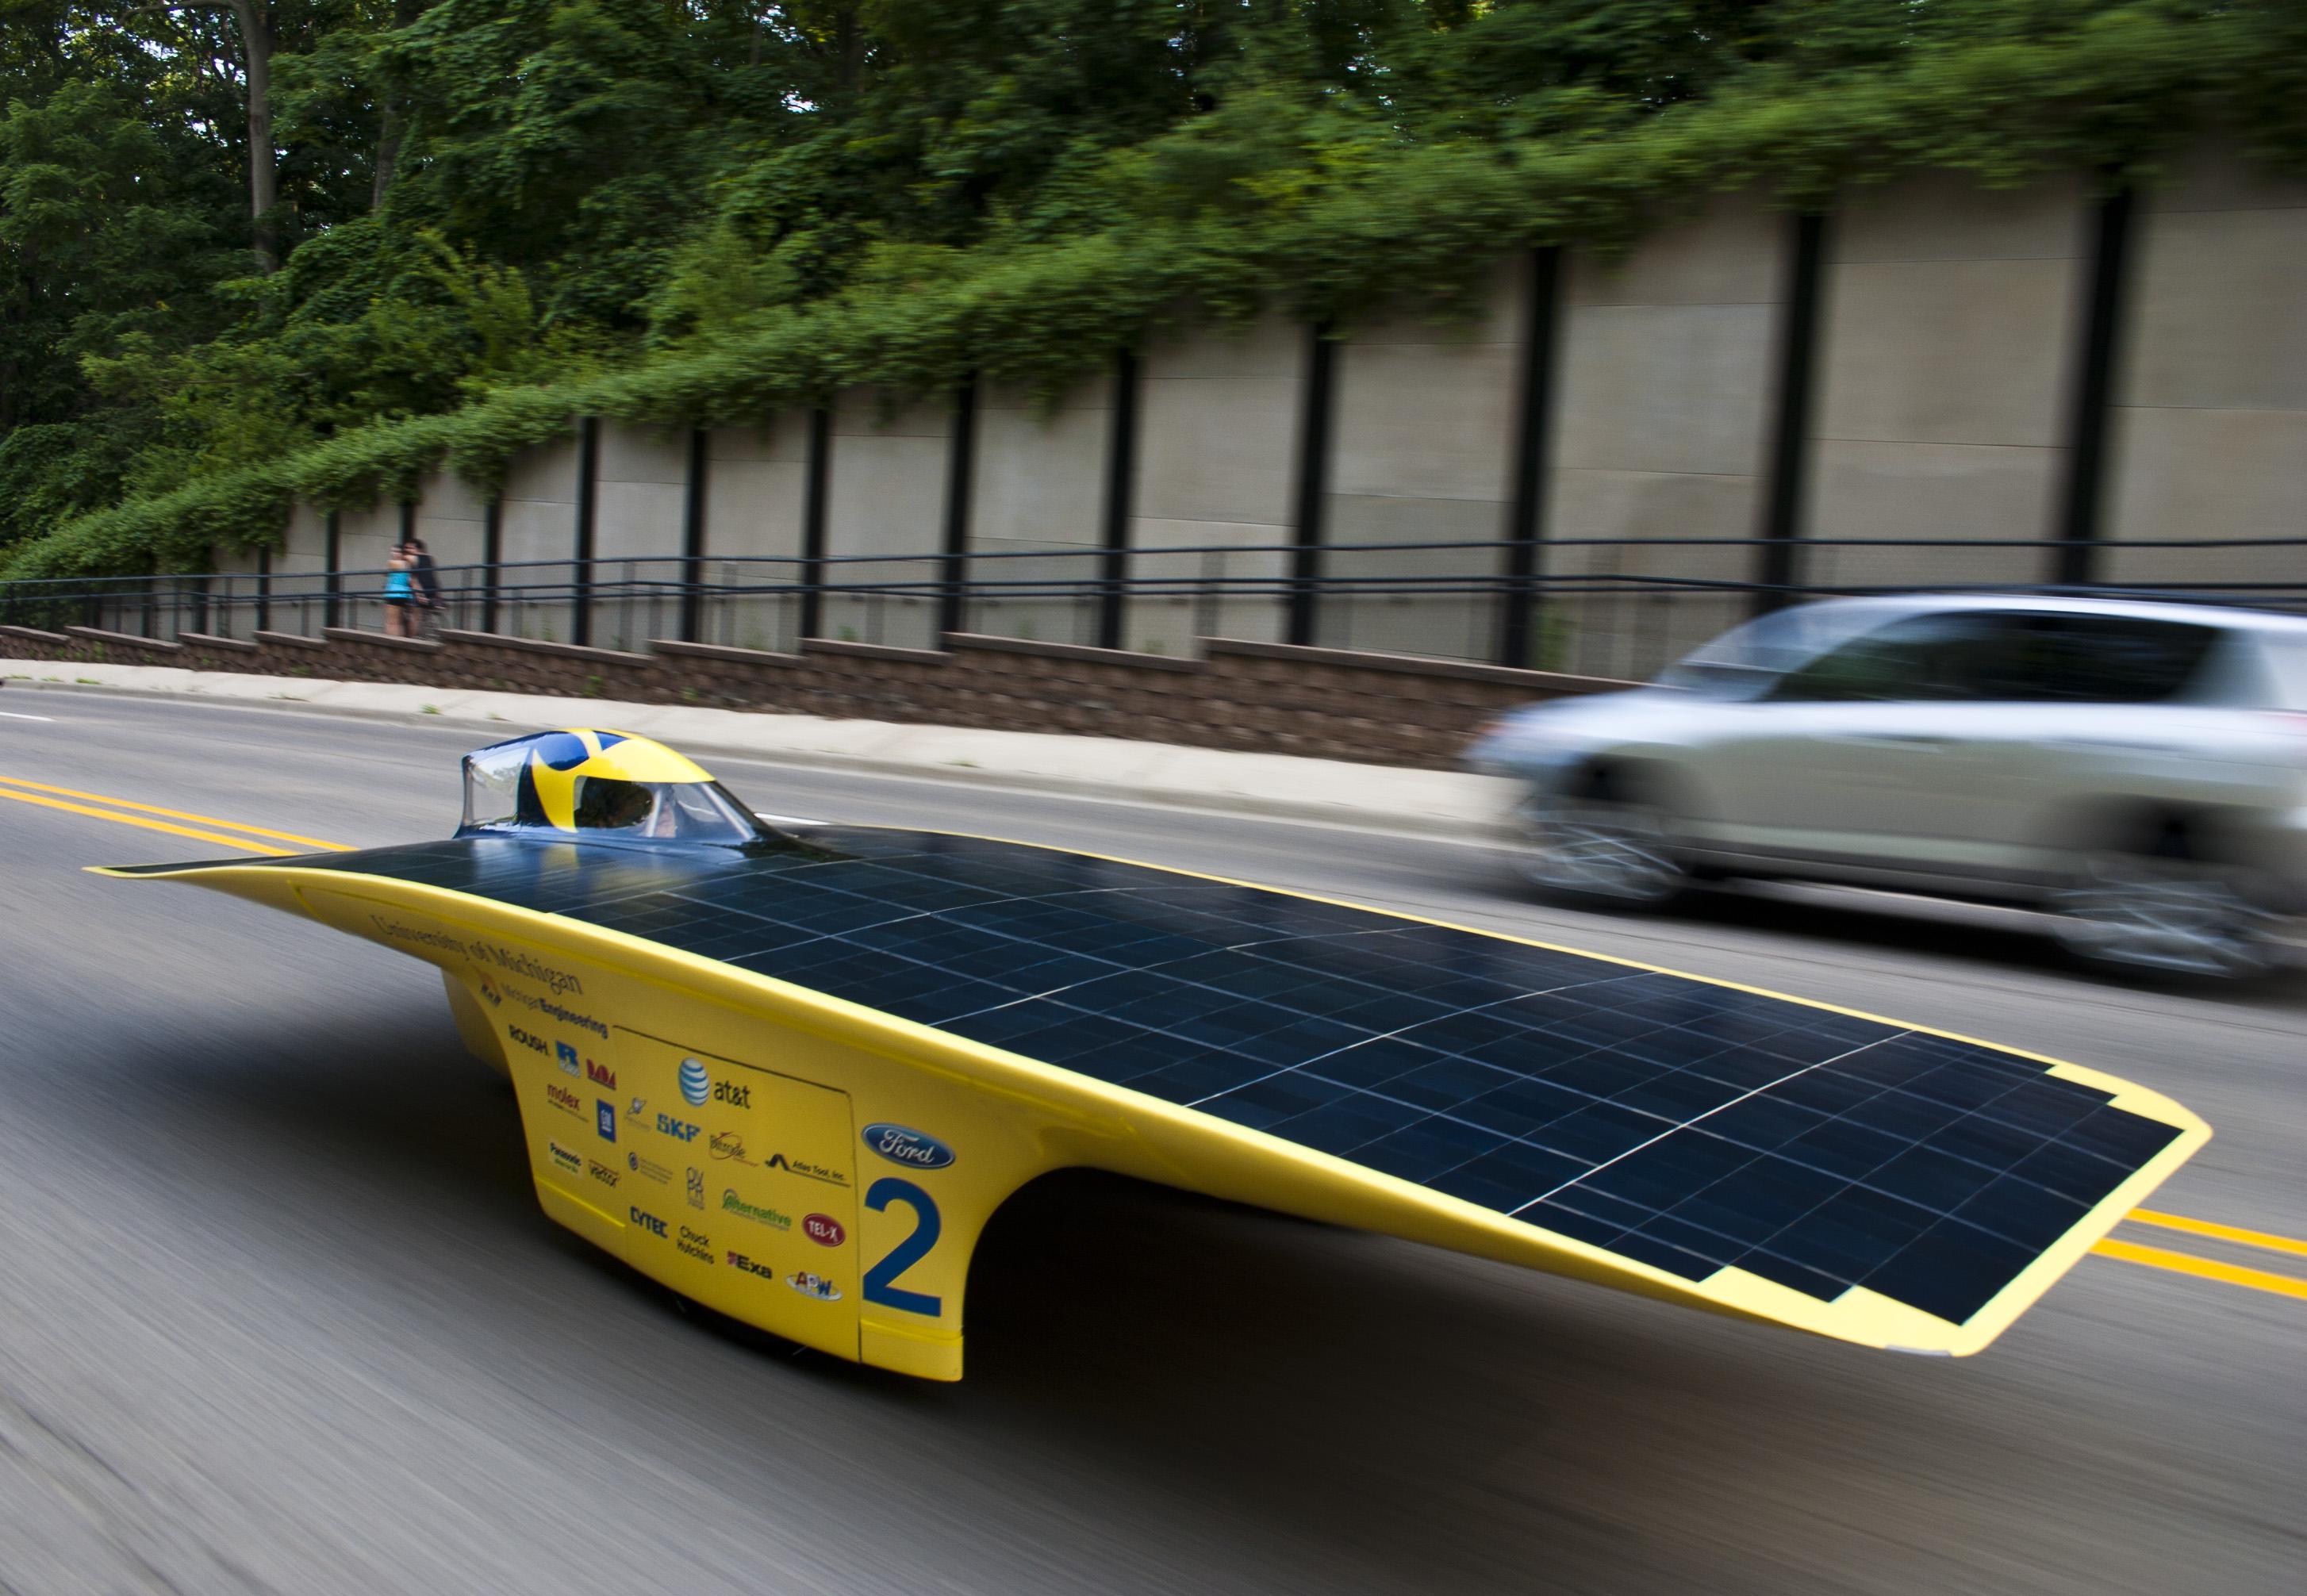 University Of Michigan S Quantum Solar Racer Laps Michigan